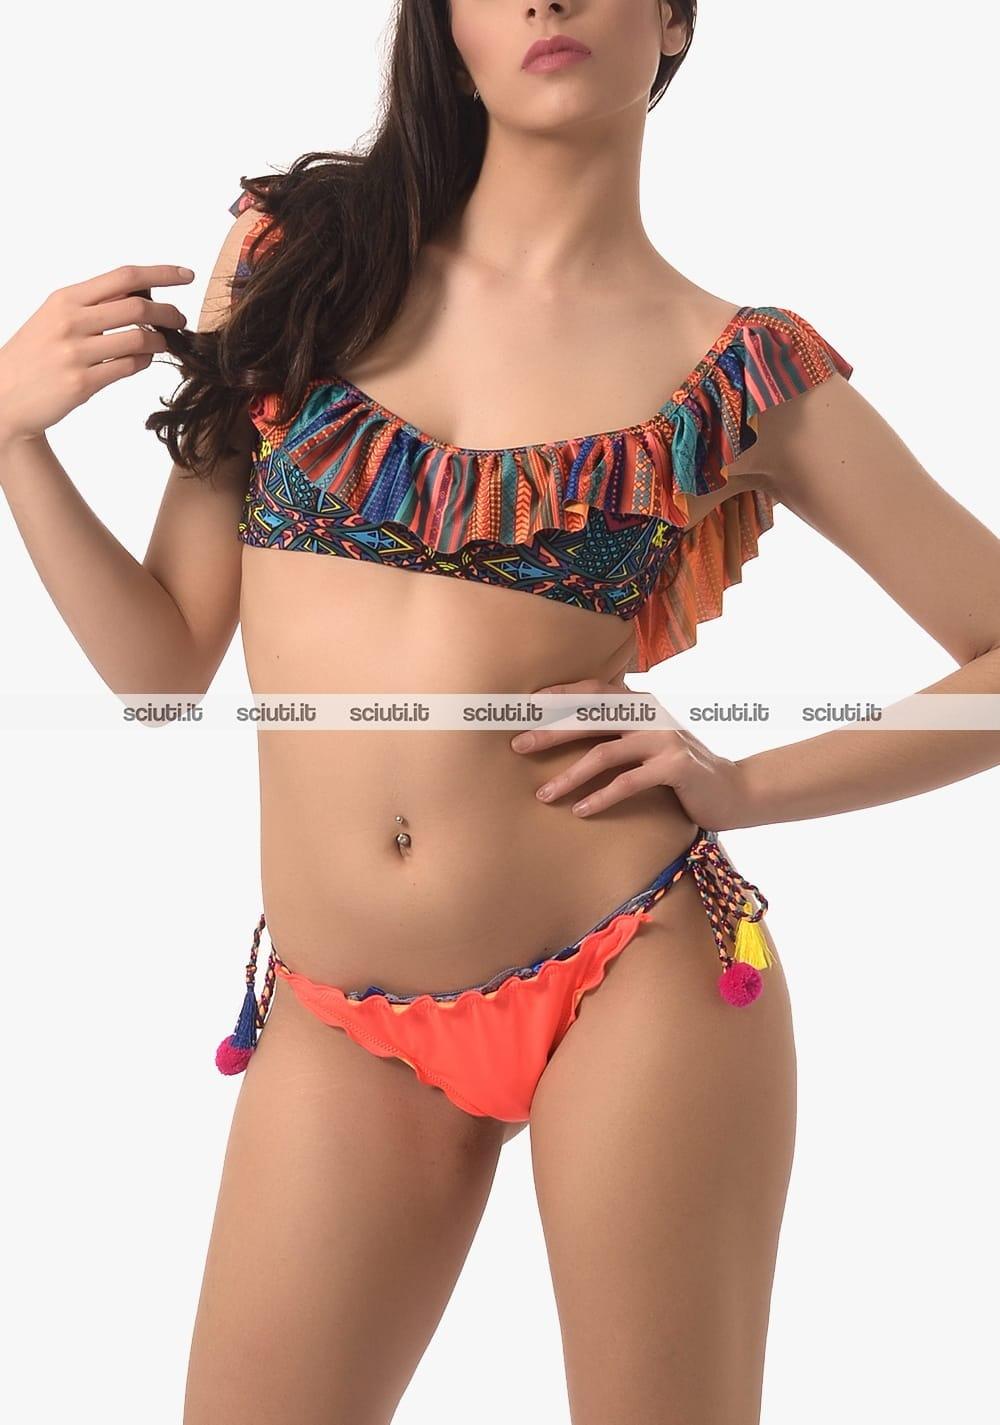 nuovo prodotto c8ef4 f3bef Costume da bagno effek donna bikini fascia con volant ...